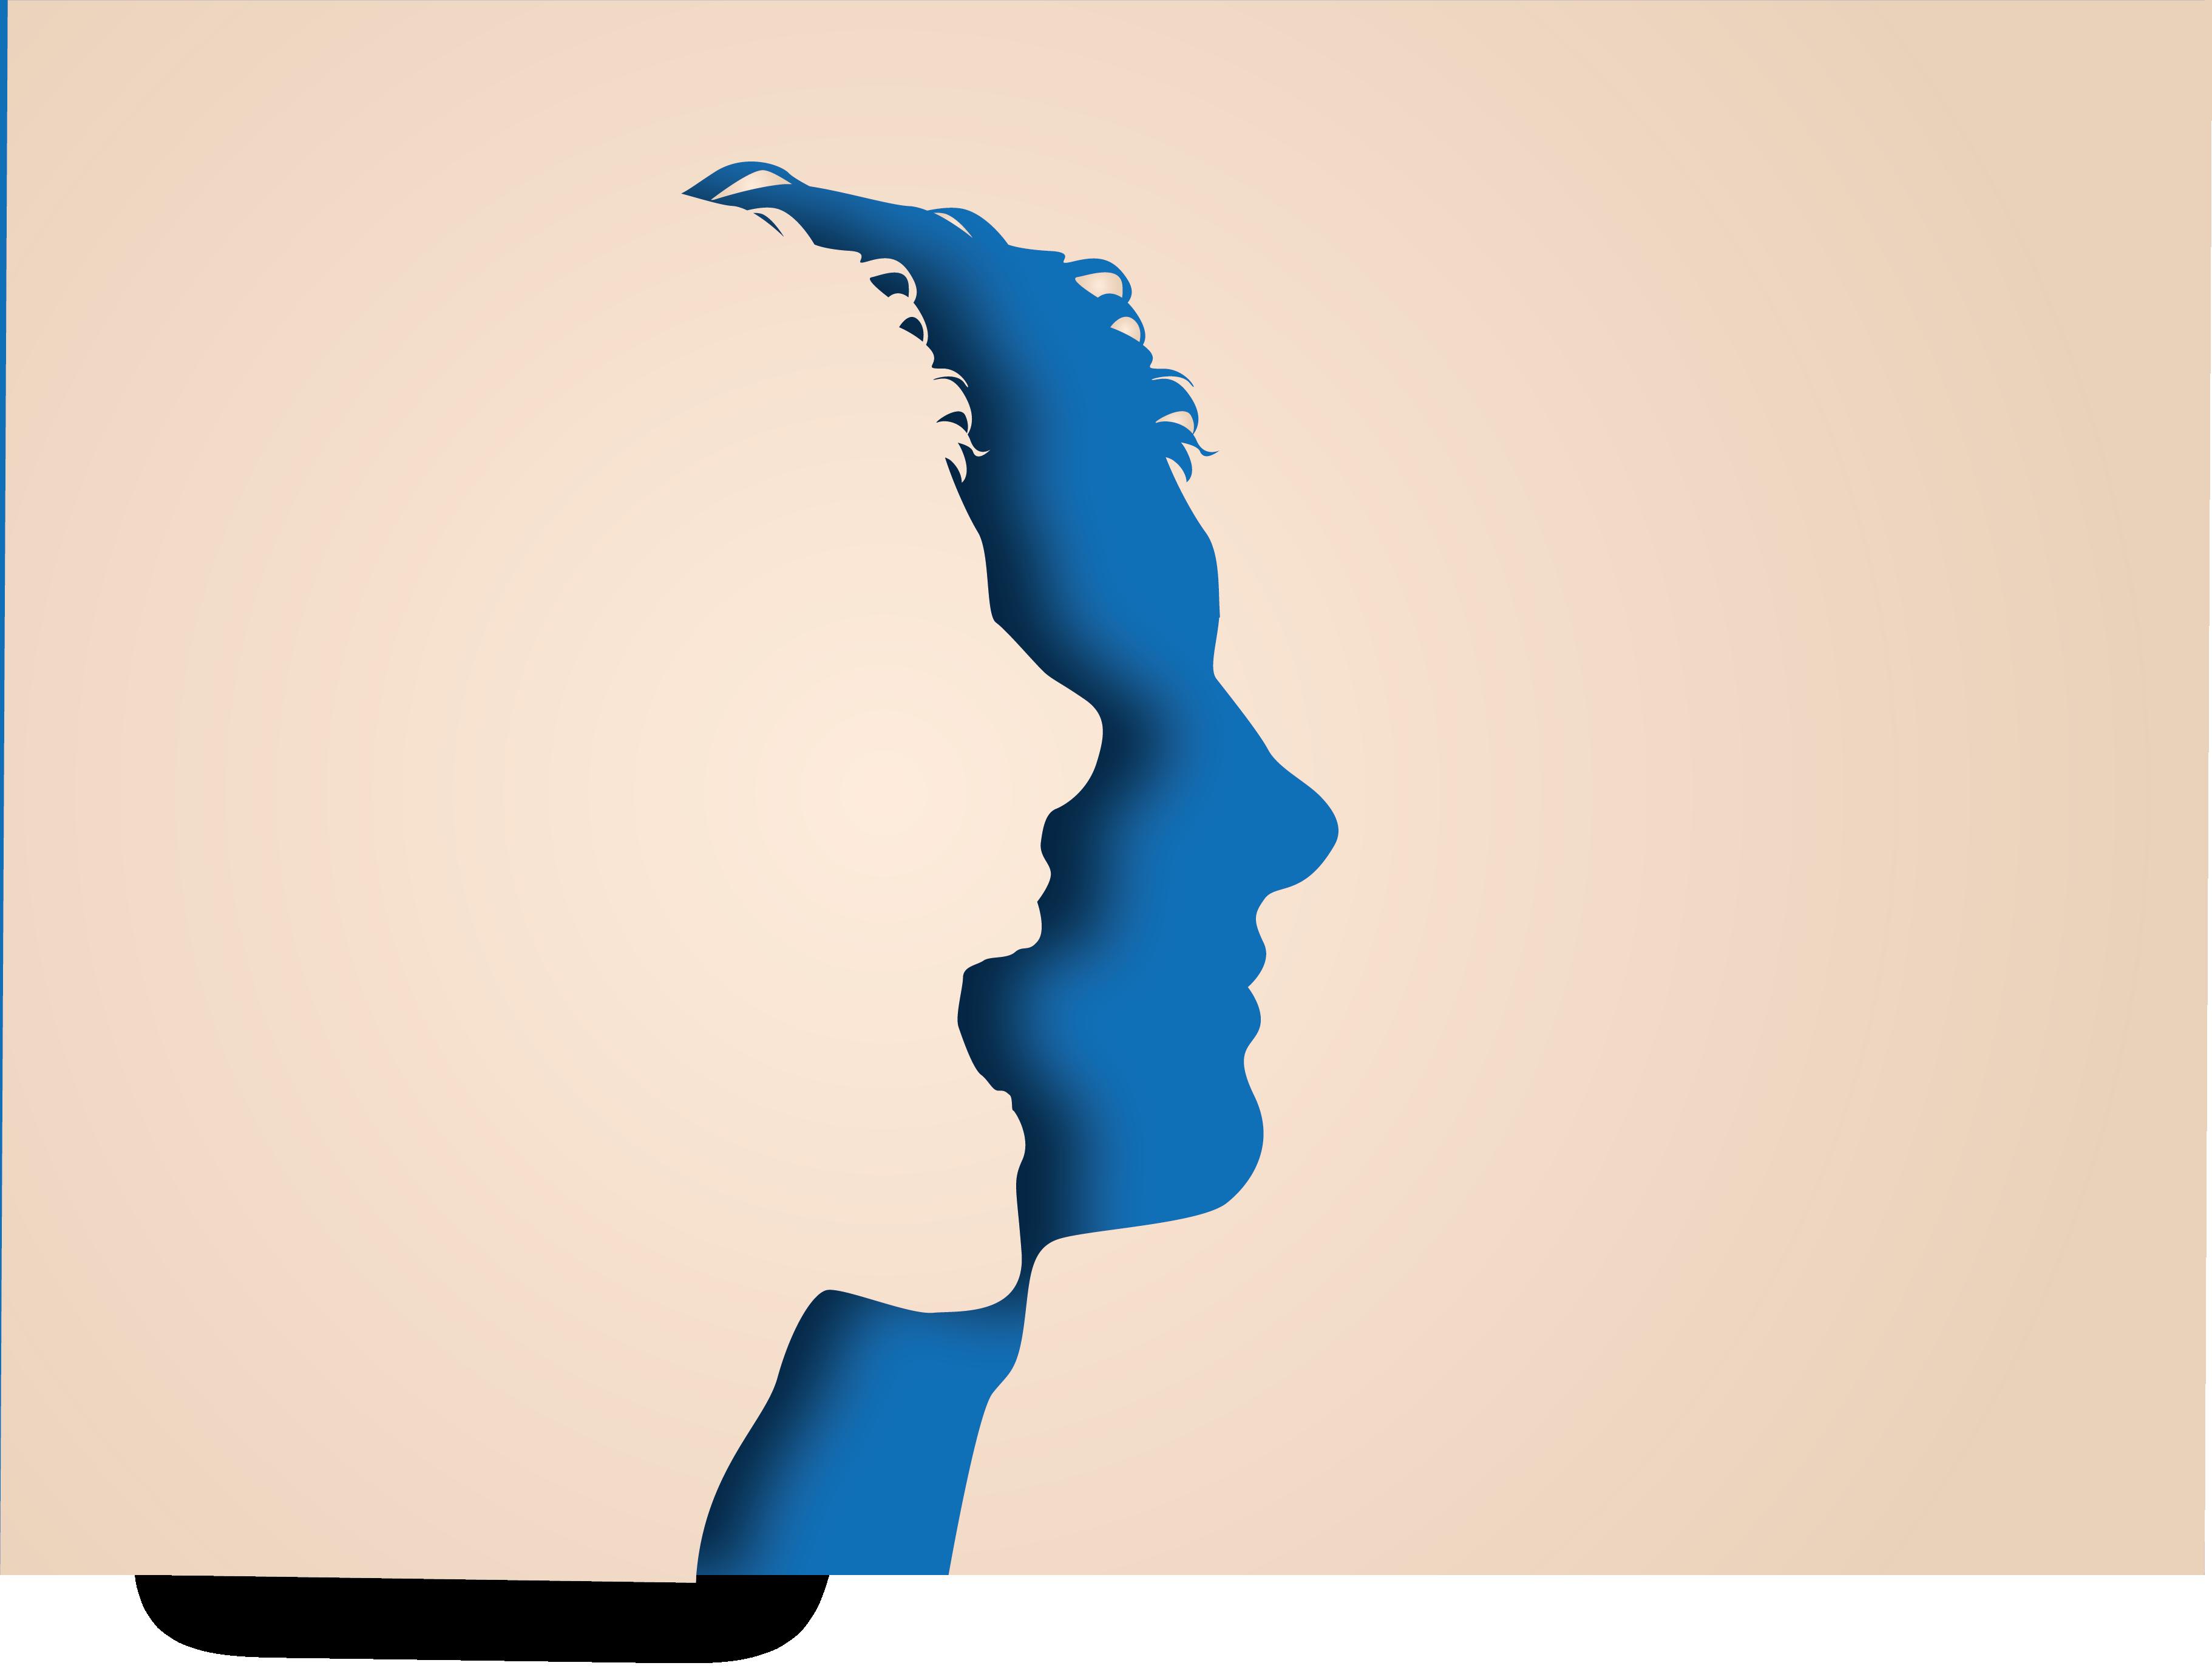 Conférence : L'imagerie des théories de l'esprit dans la schizophrénie et le trouble bipolaire